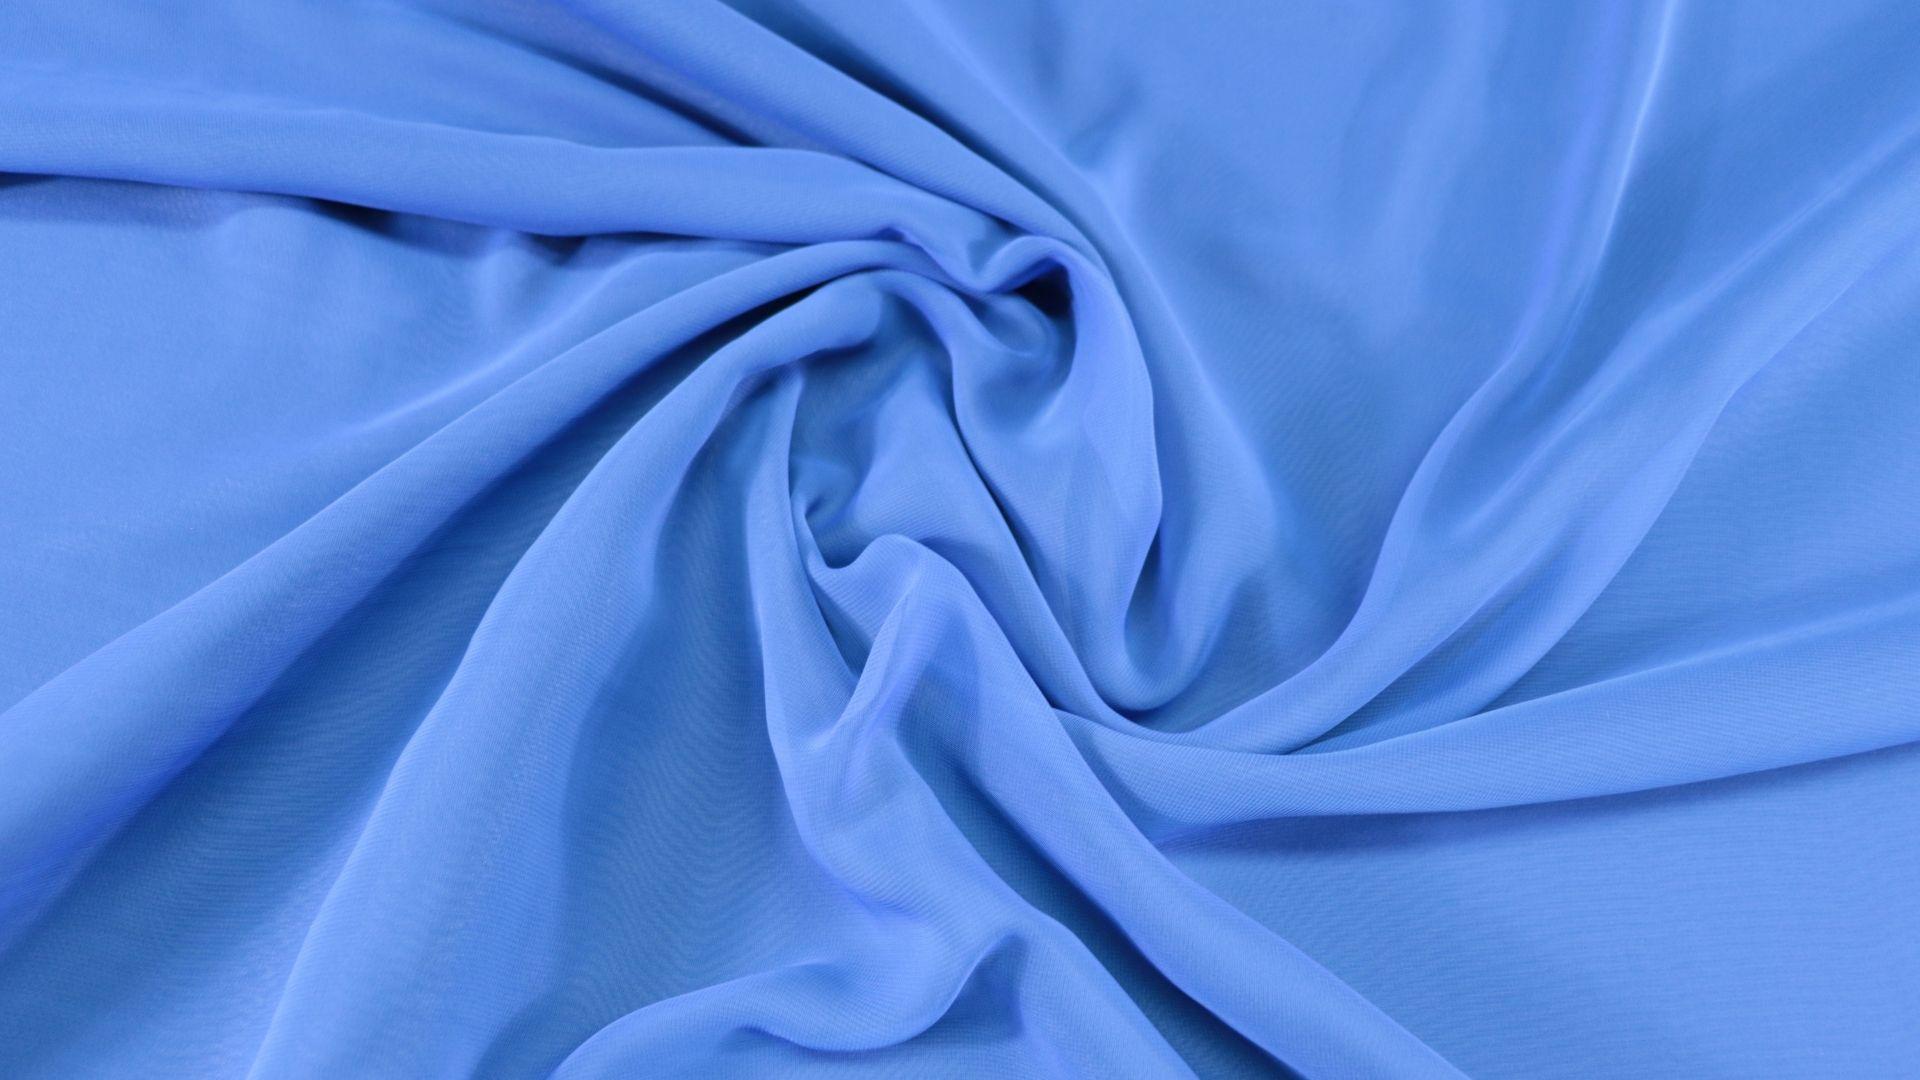 il particolare del tessuto single chiffon, appartenente alla categoria uniti serici, di Leadford & Logan